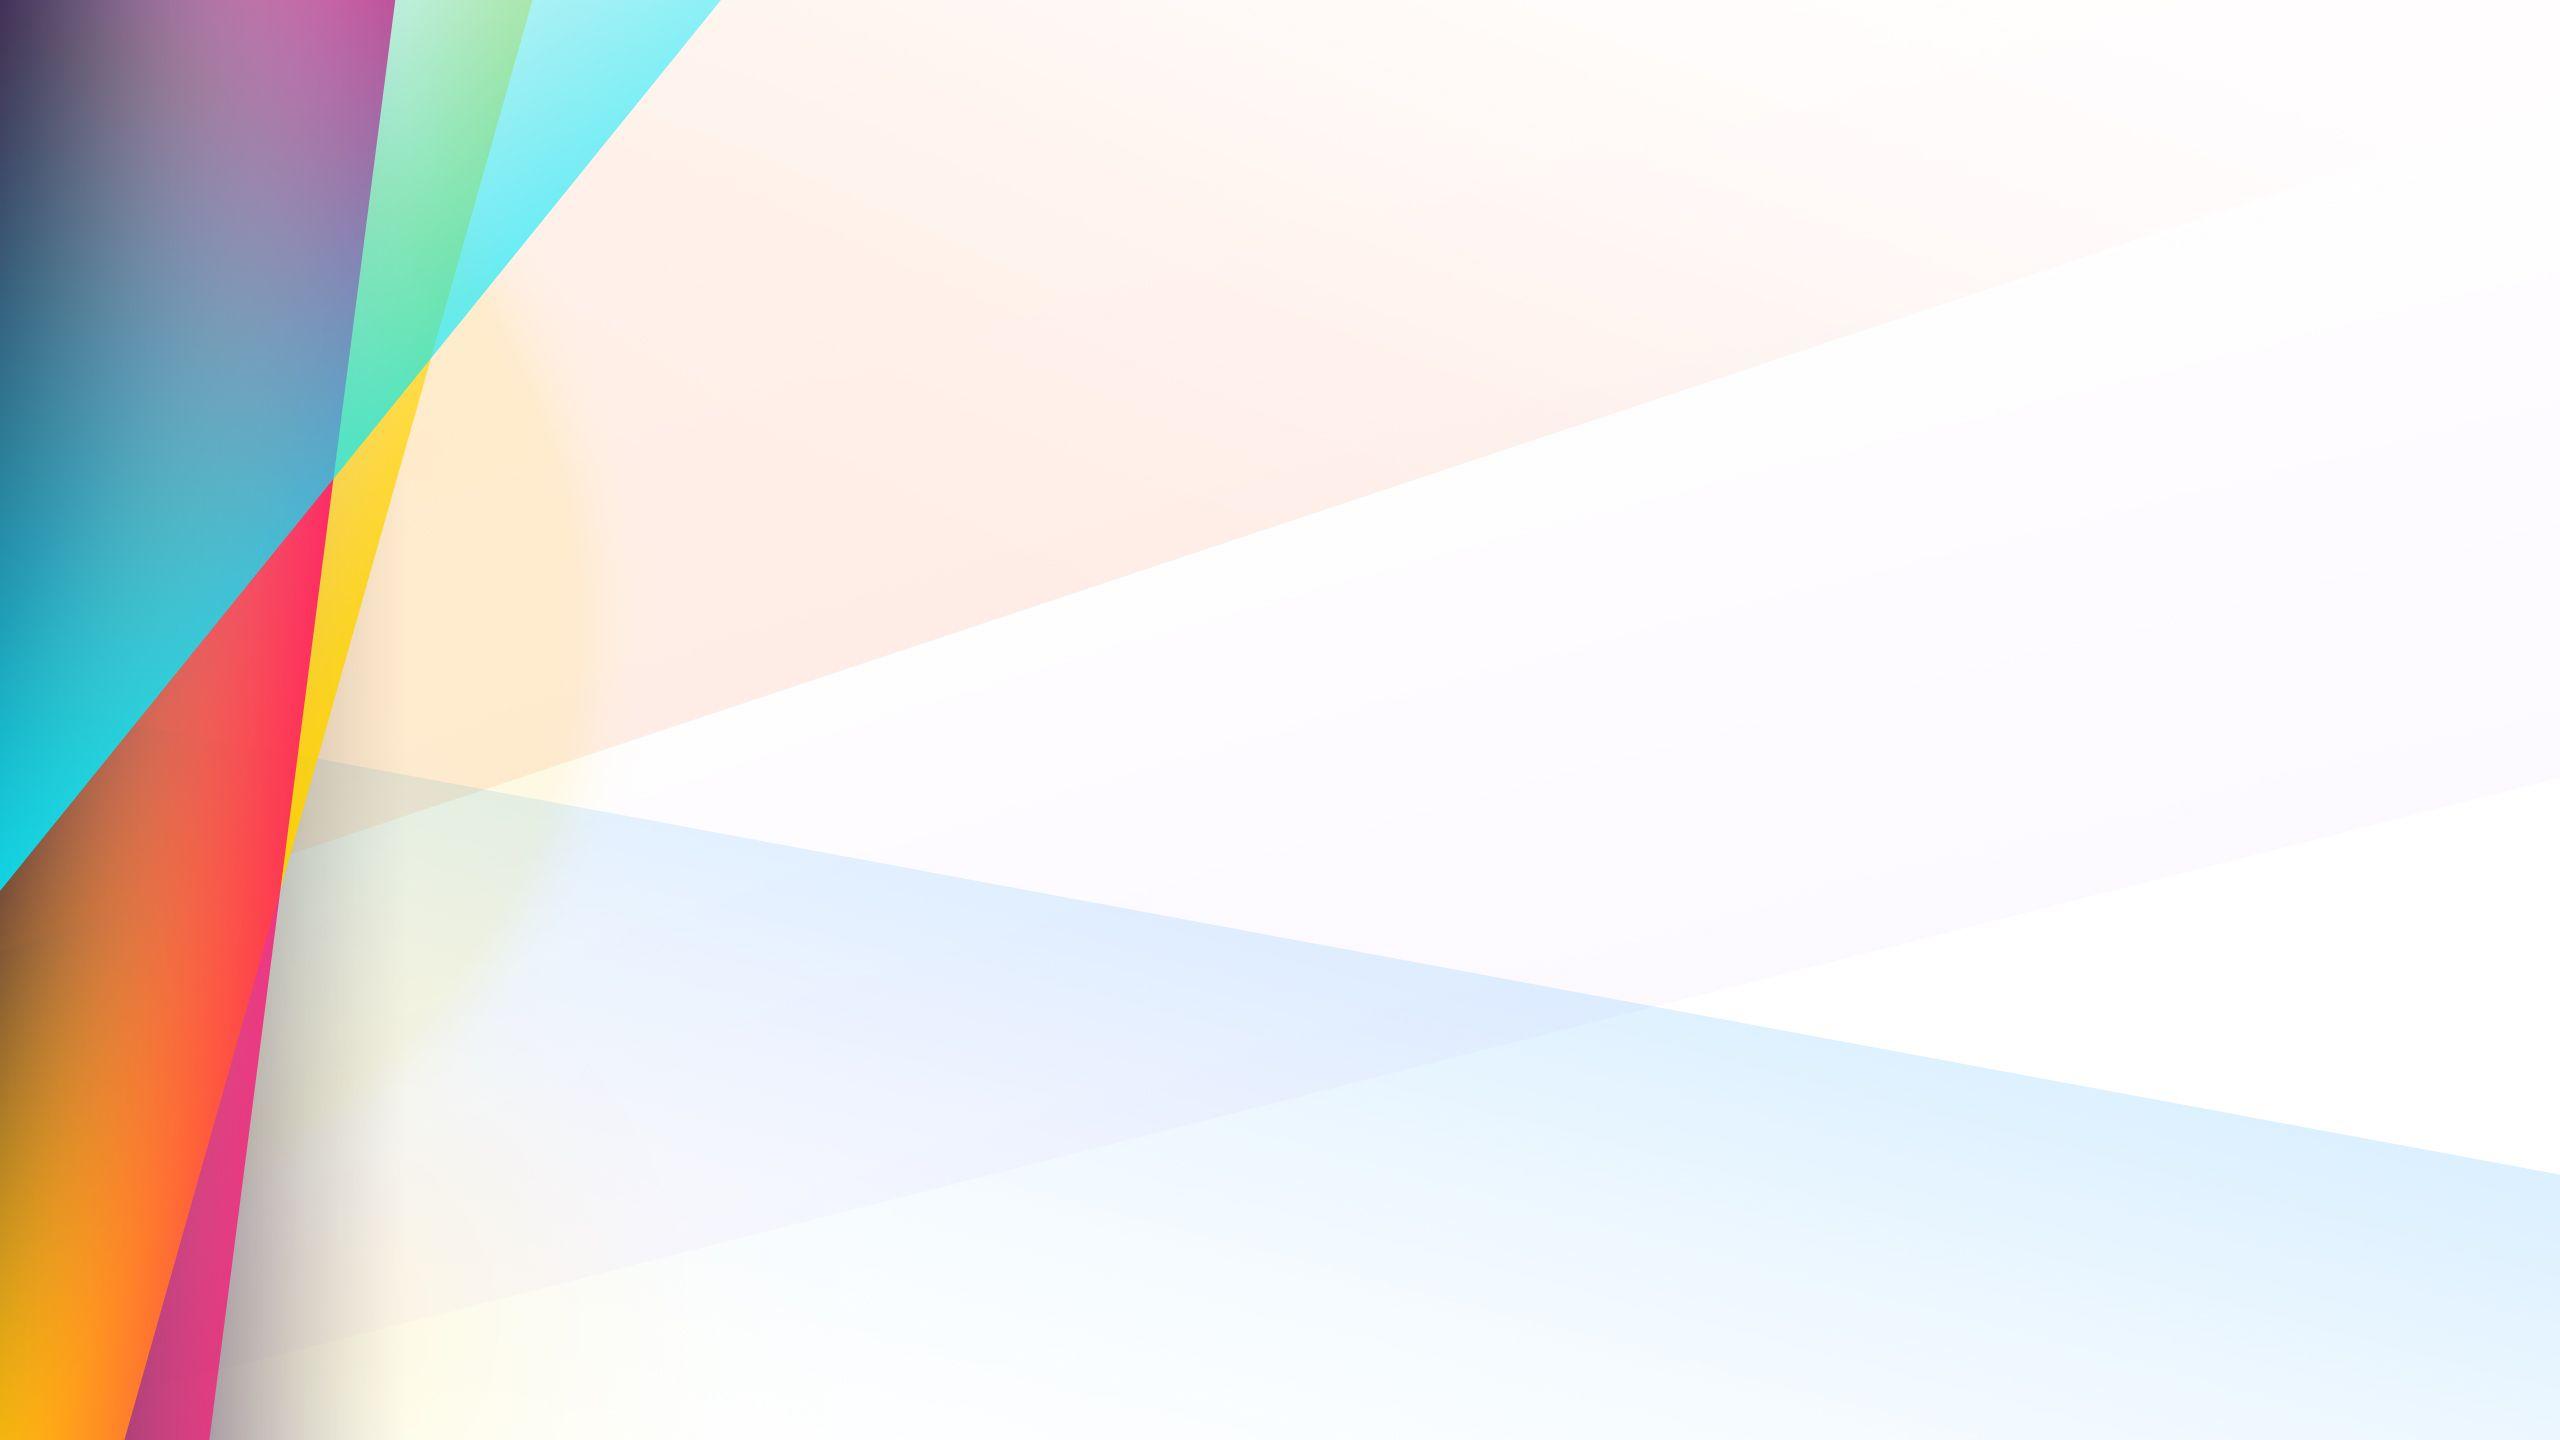 Kết Quả Hình ảnh Cho Hình Nền Powerpoint Màu Trắng đẹp Trong